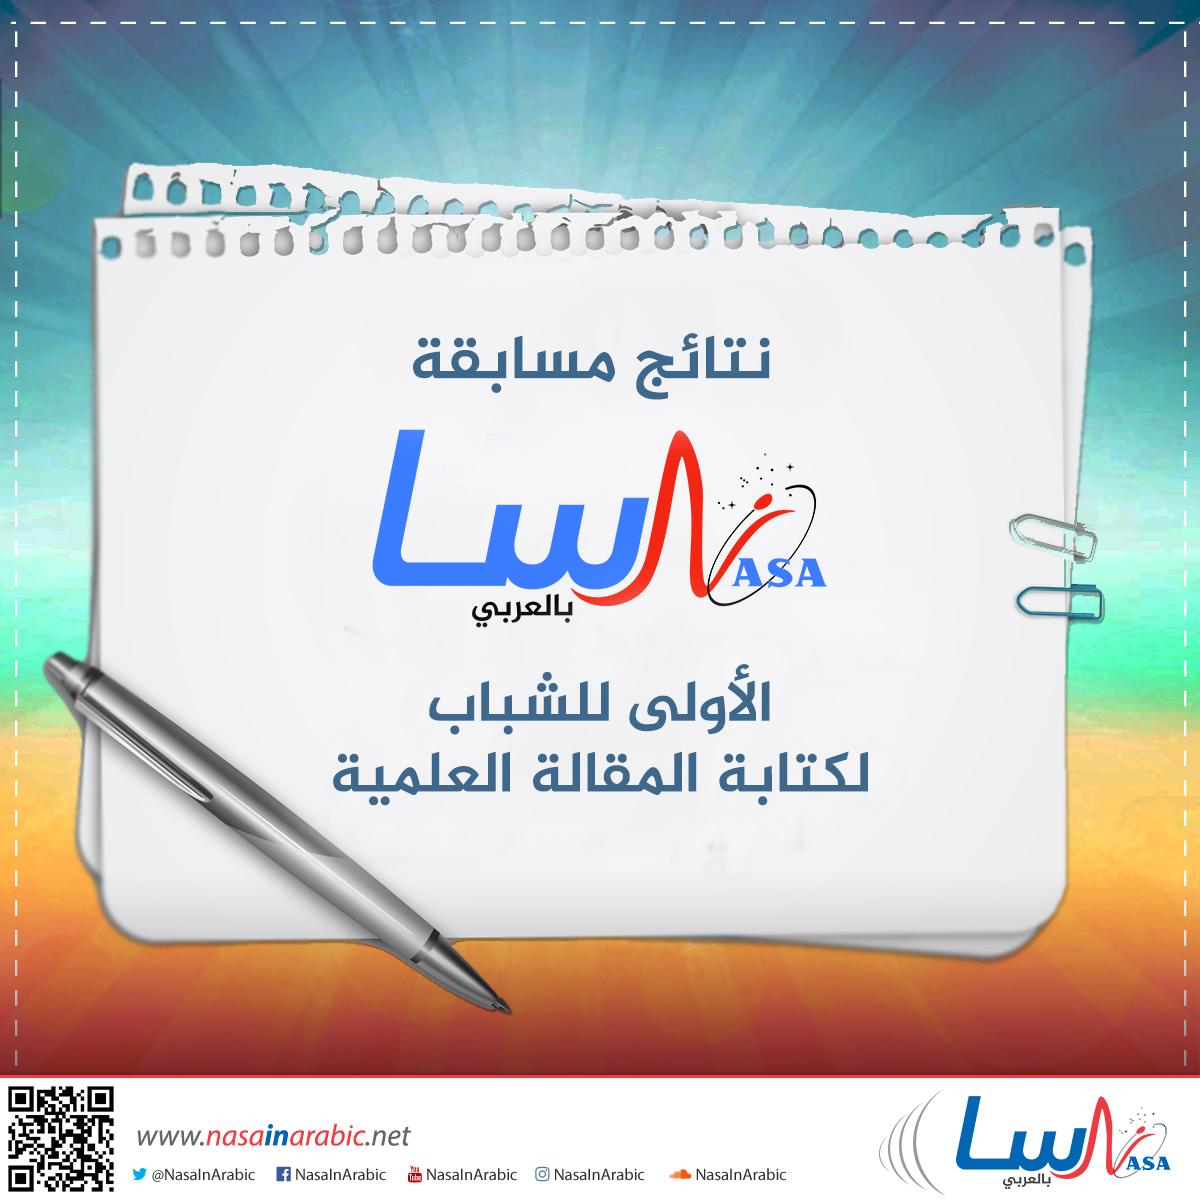 نتائج مسابقة ناسا بالعربي الأولى للشباب لكتابة المقالة العلمية